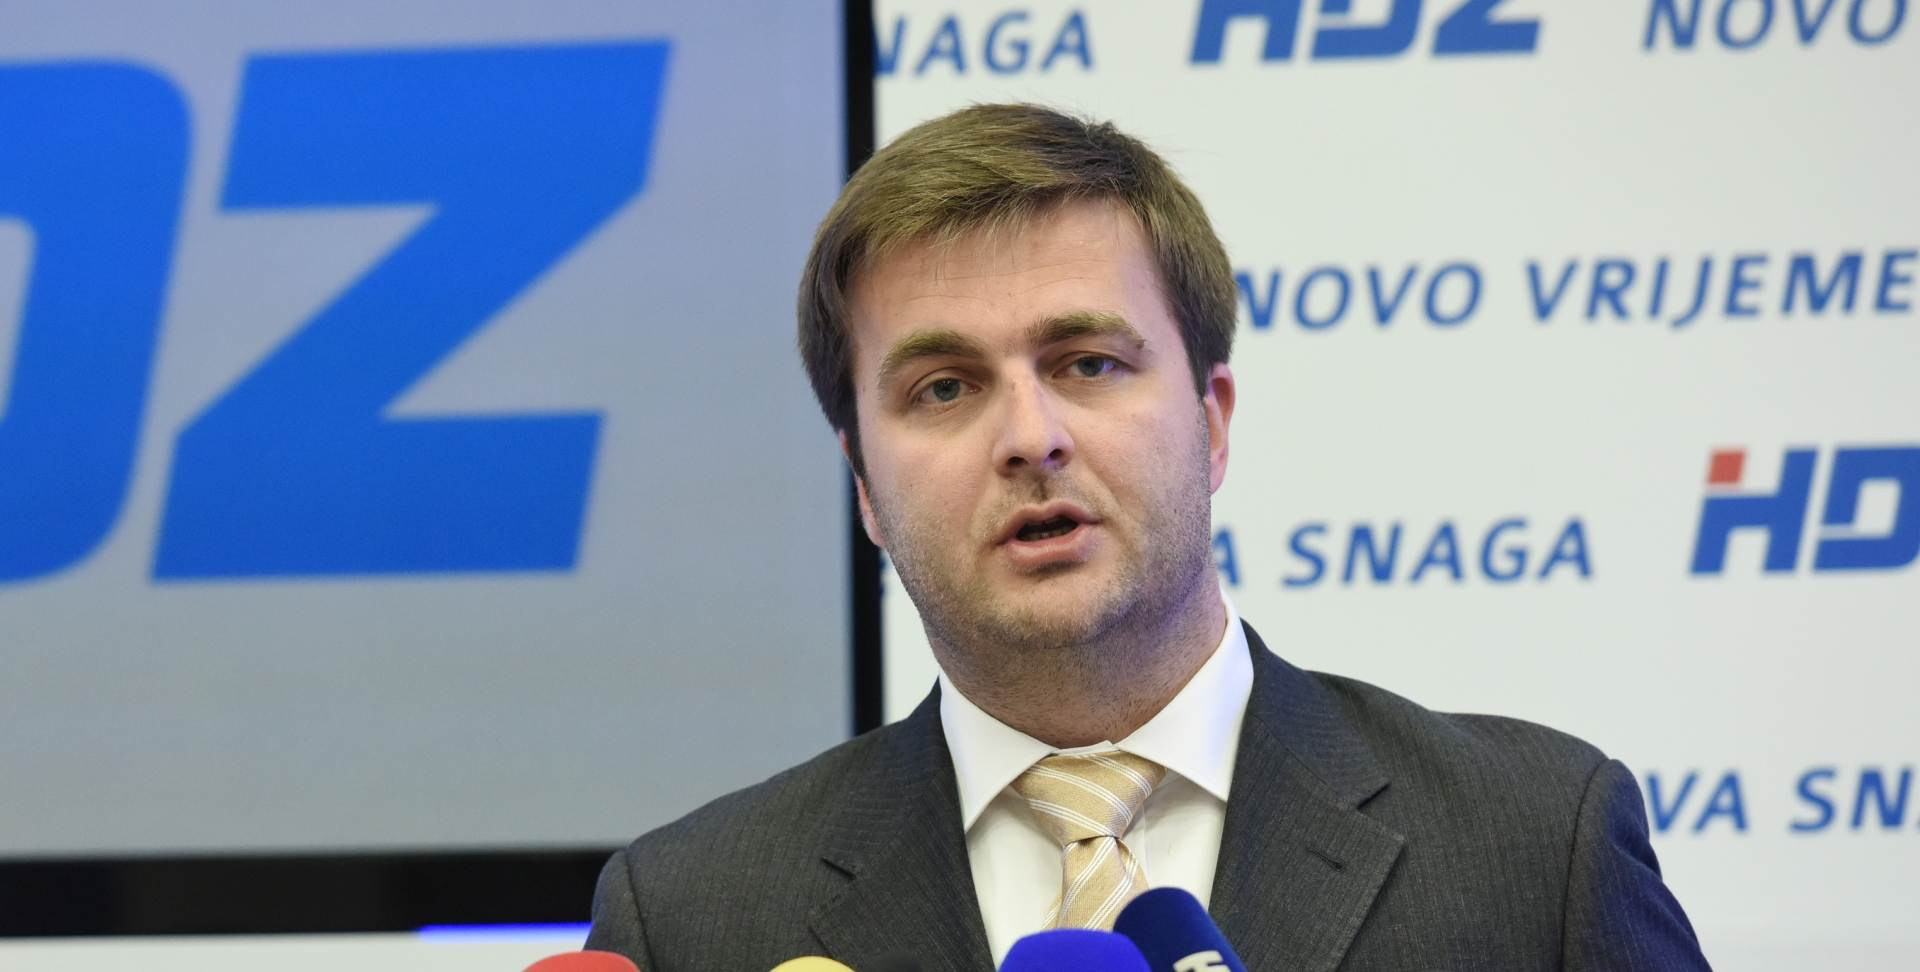 Ćorić preuzeo Ministarstvo rada i mirovinskog sustava